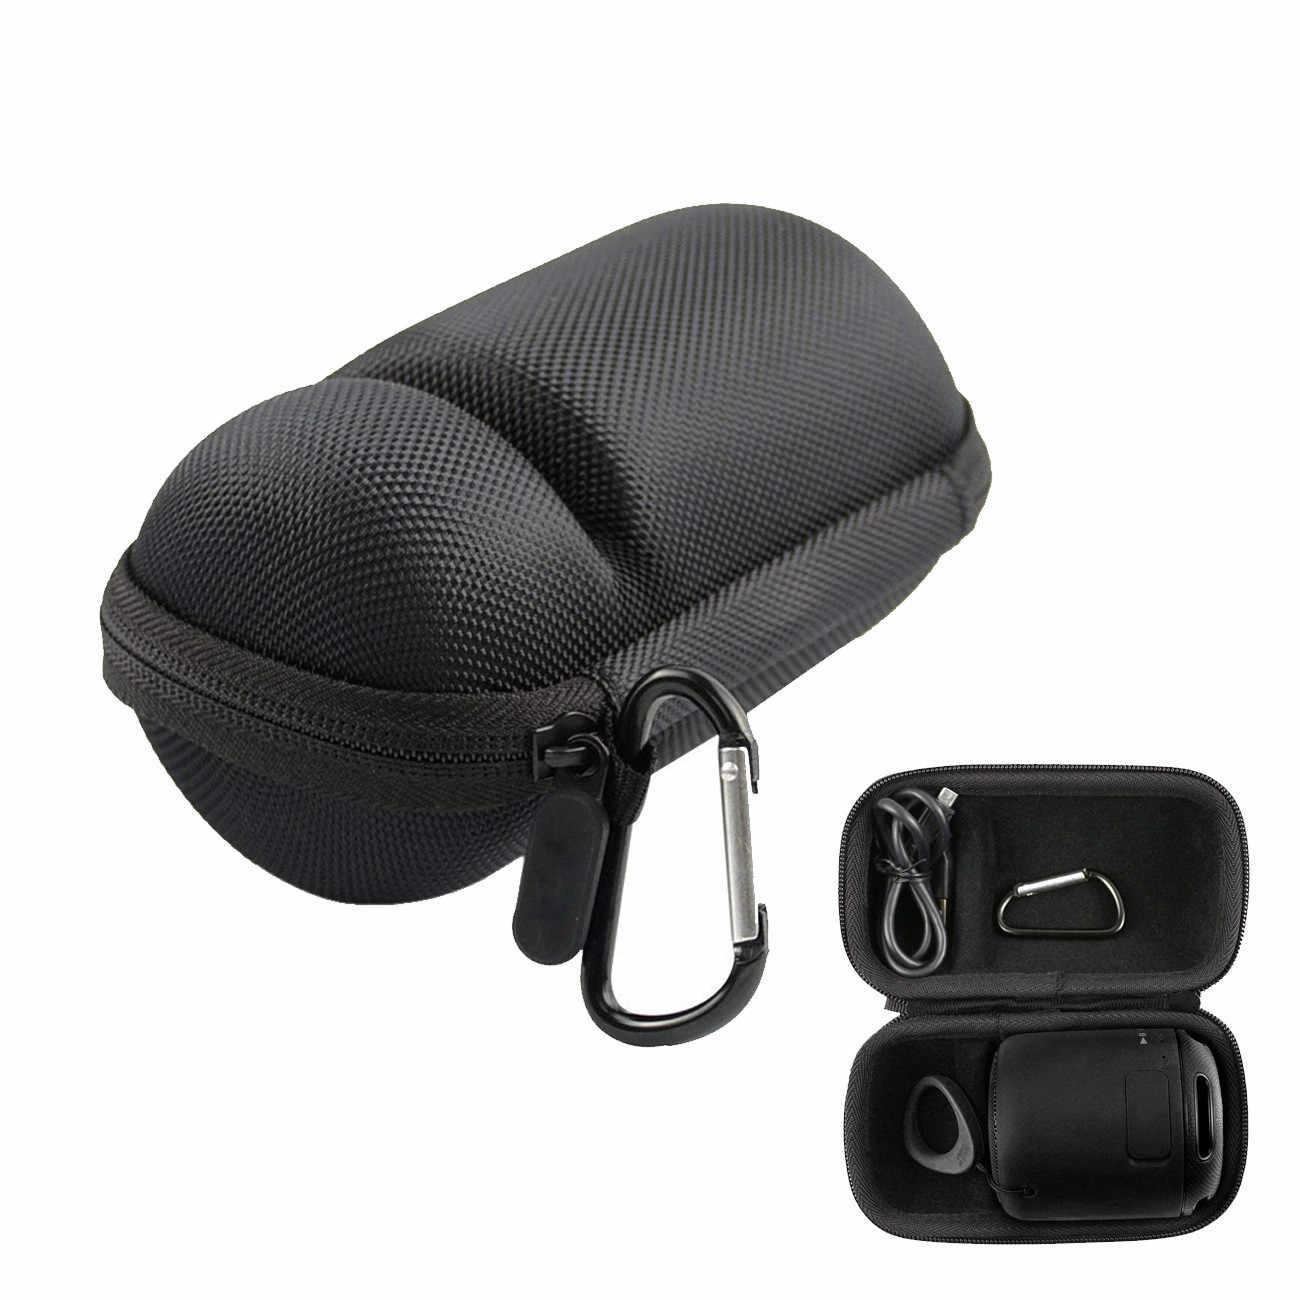 Viagens EVA PU Caixa Caso Capa Proteja Pouch Storage Bag Bolsa de Transporte para Sony SRS-XB10 Portátil Sem Fio Bluetooth Speaker